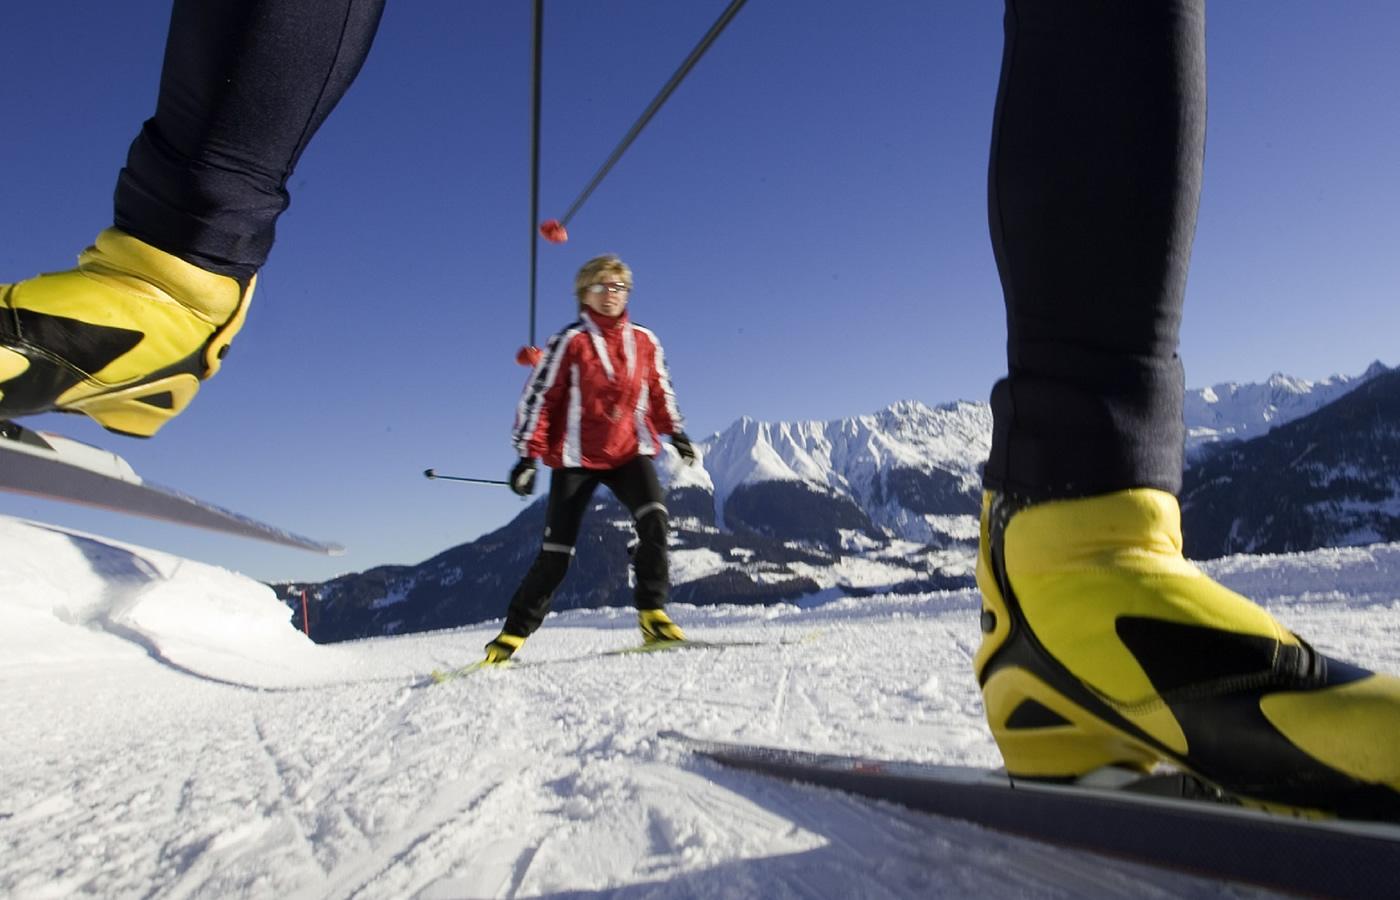 Langlaufen in Serfaus-Fiss-Ladis. Sport-Winter-Urlaubs-Region in Tirol - Österreich